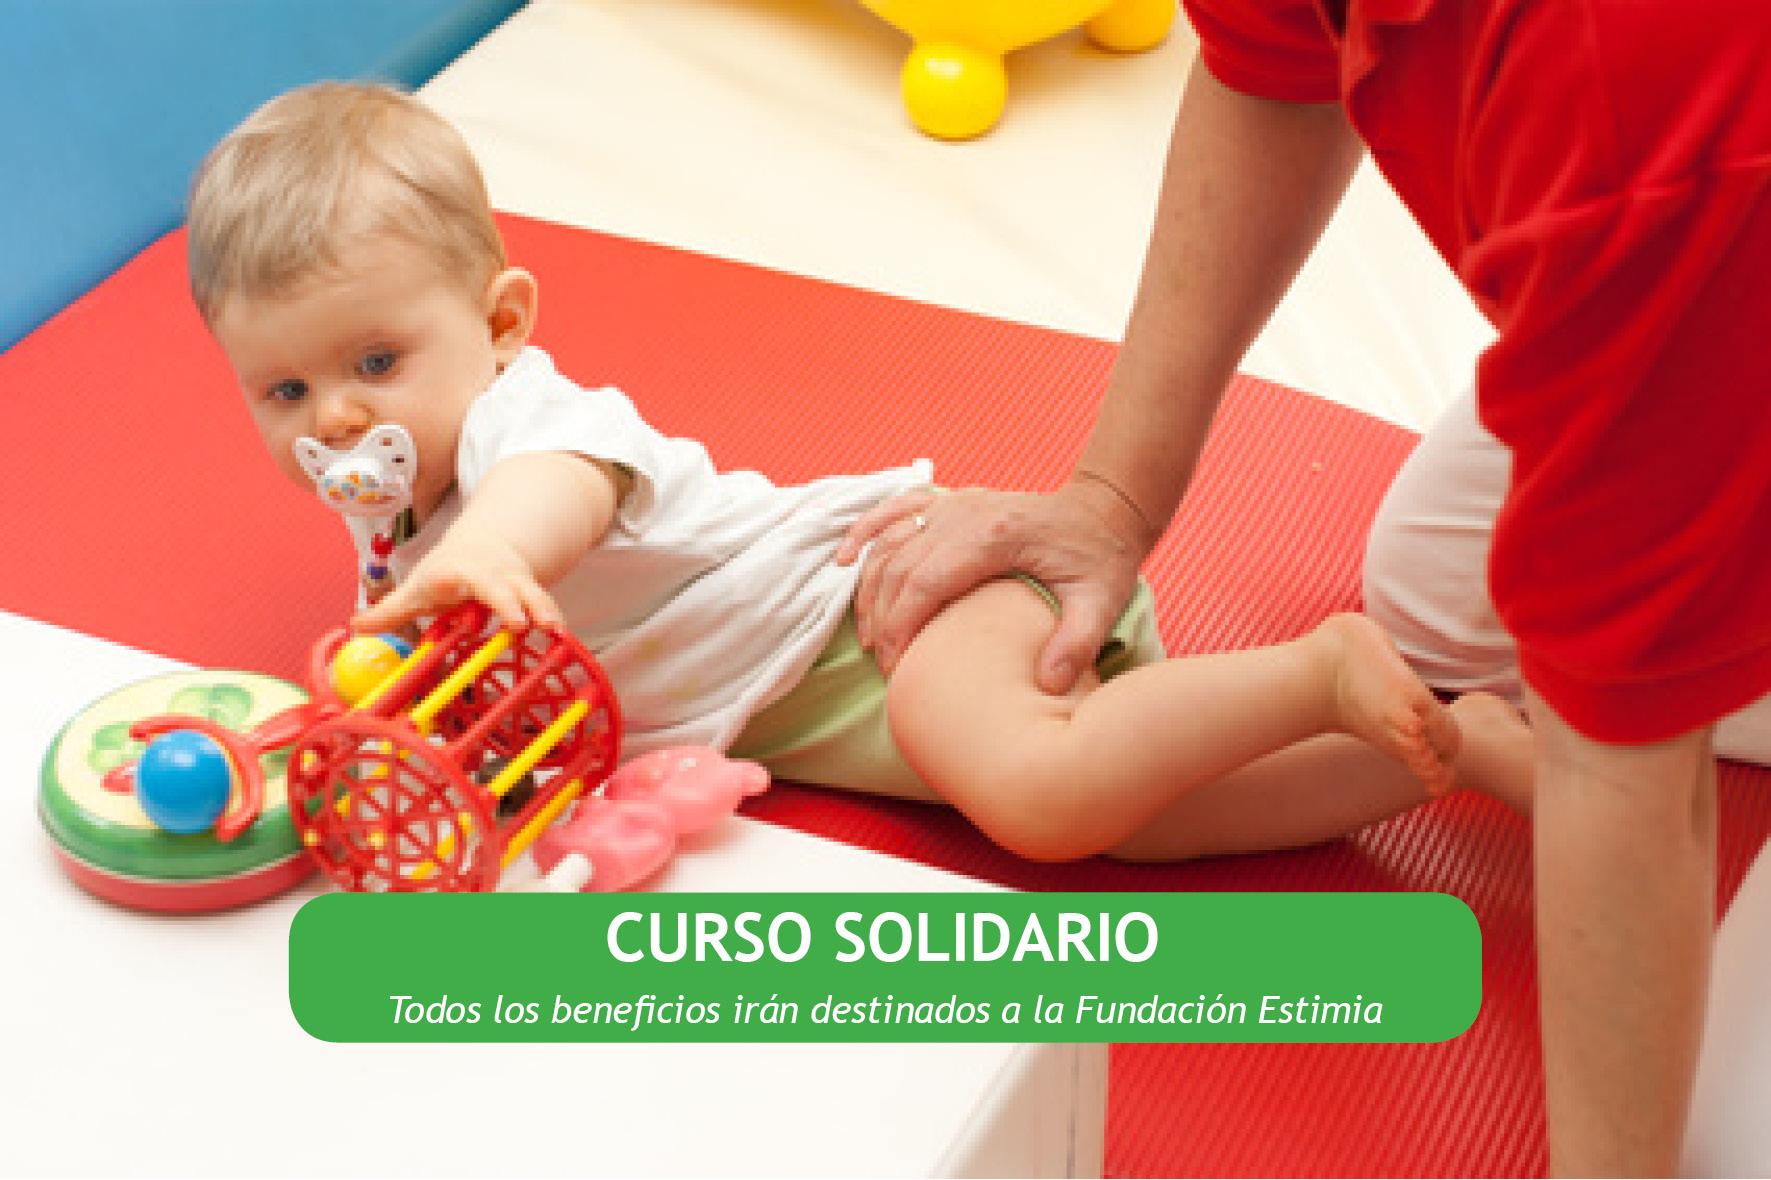 CURSO SOLIDARIO de Introducción a la Fisioterapia pediátrica: valoración y tratamiento en diferentes edades del desarrollo del niño